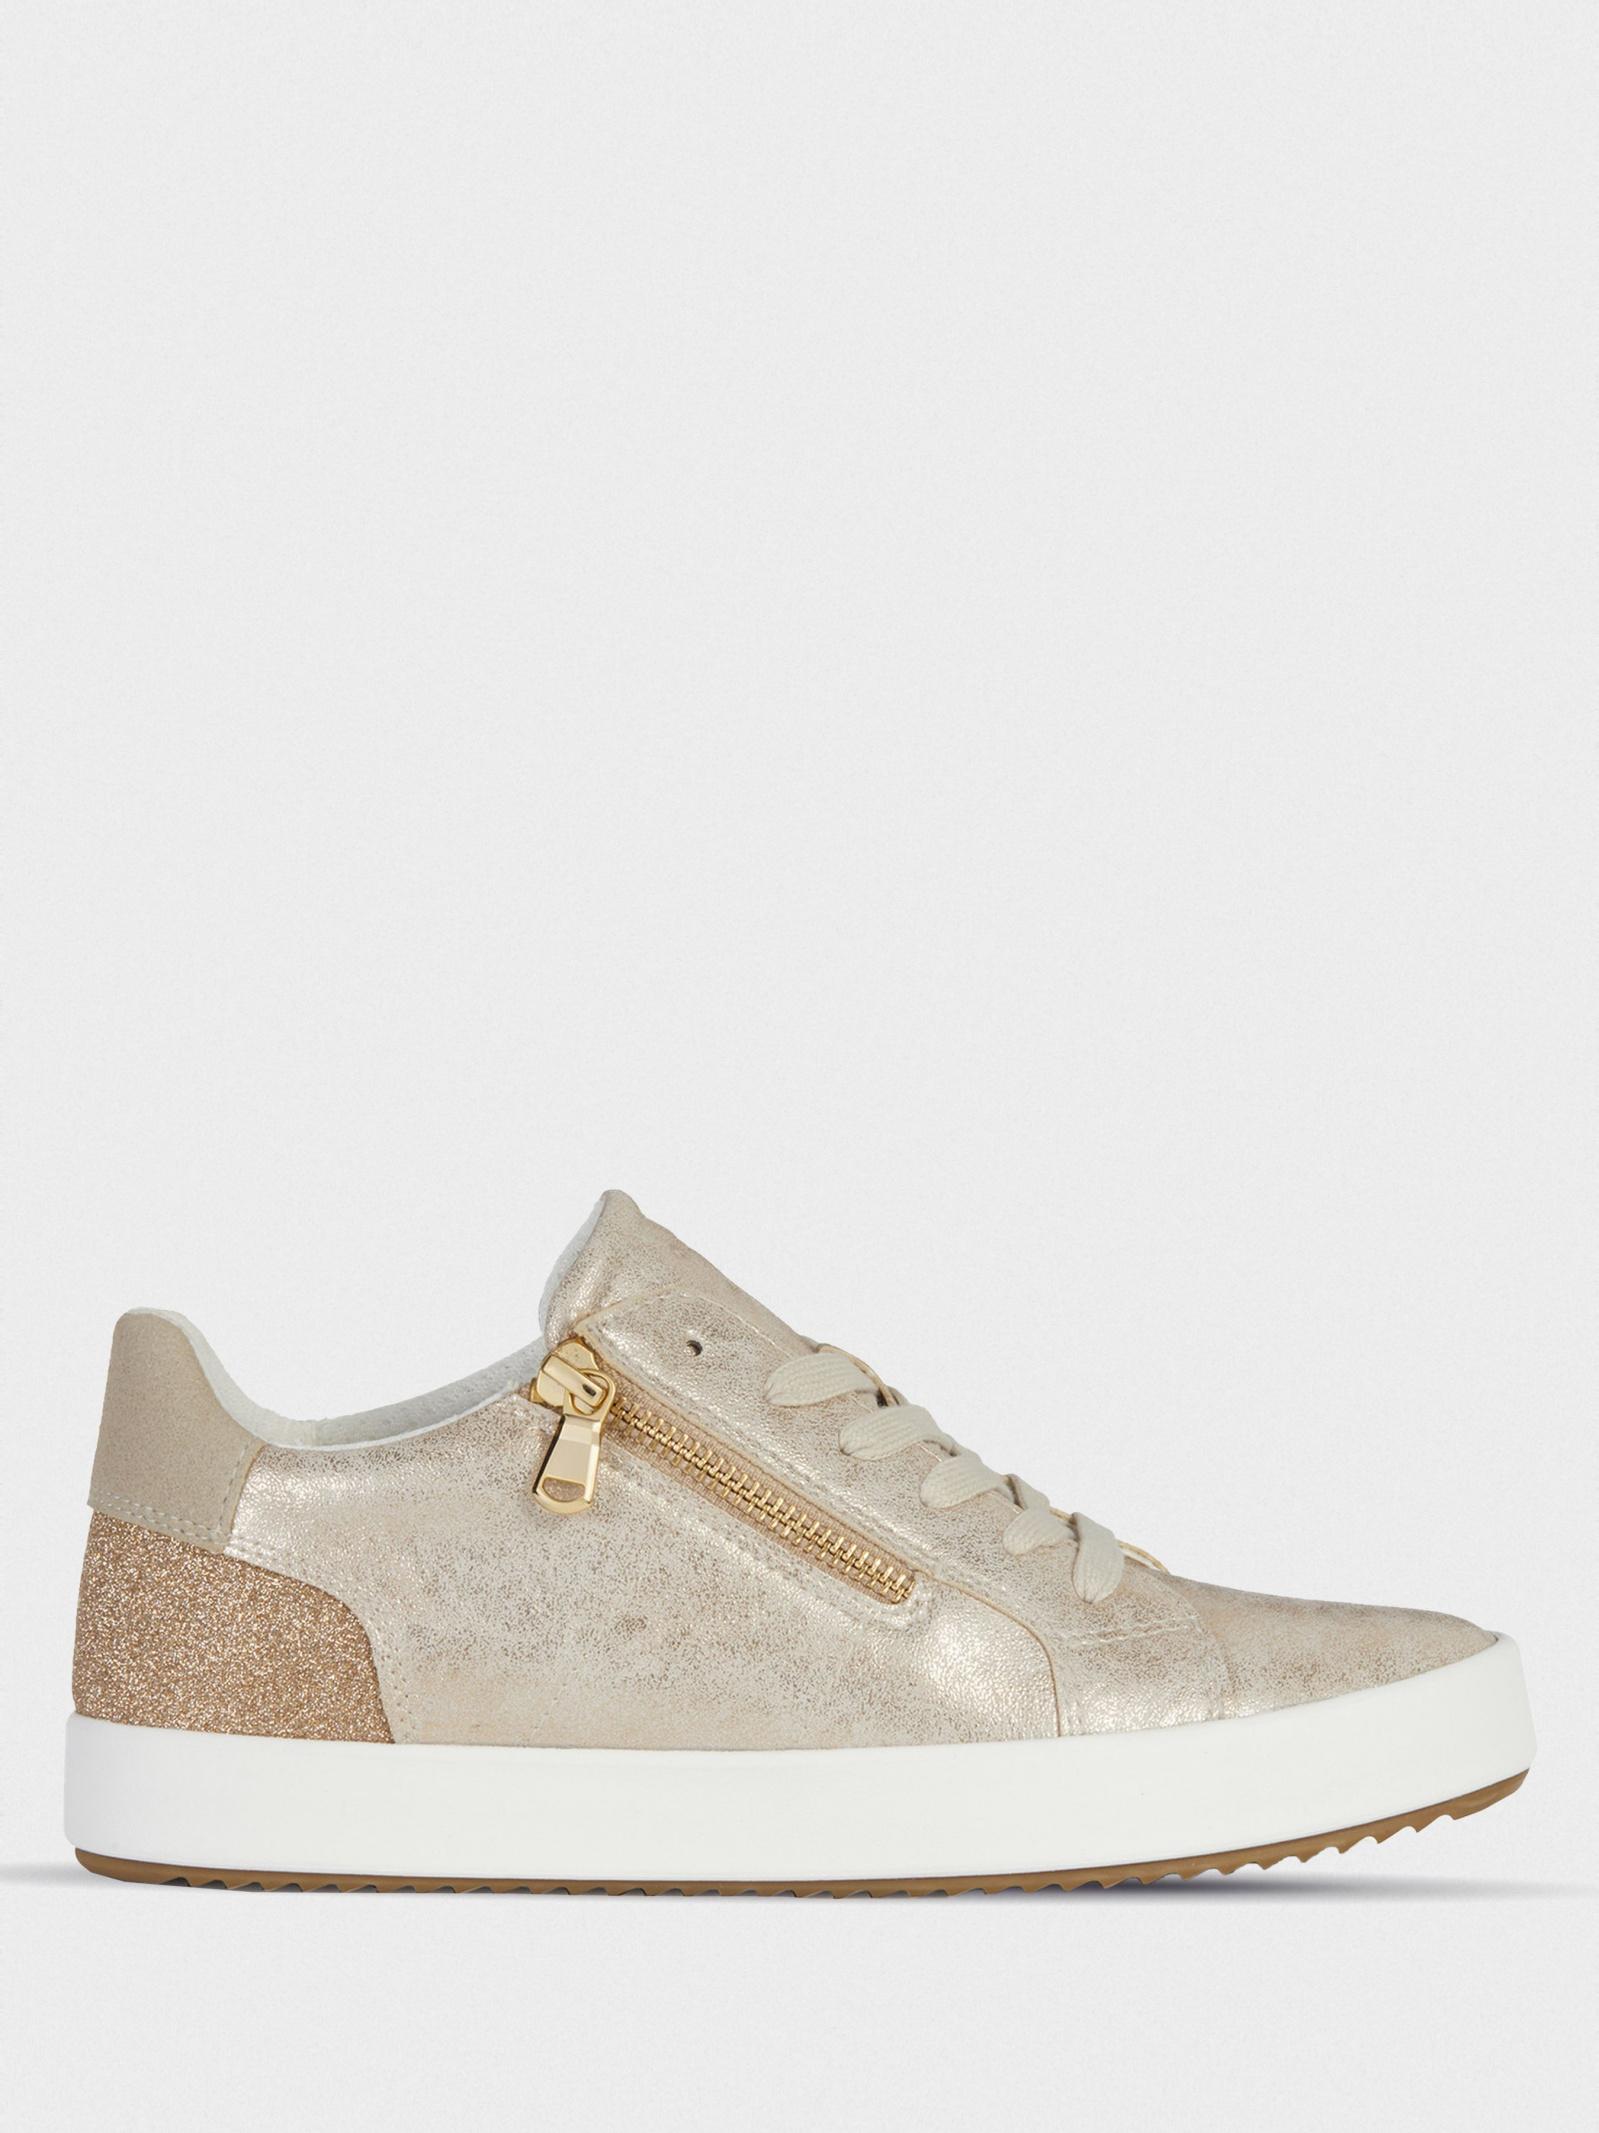 Полуботинки женские Geox D BLOMIEE XW3787 брендовая обувь, 2017